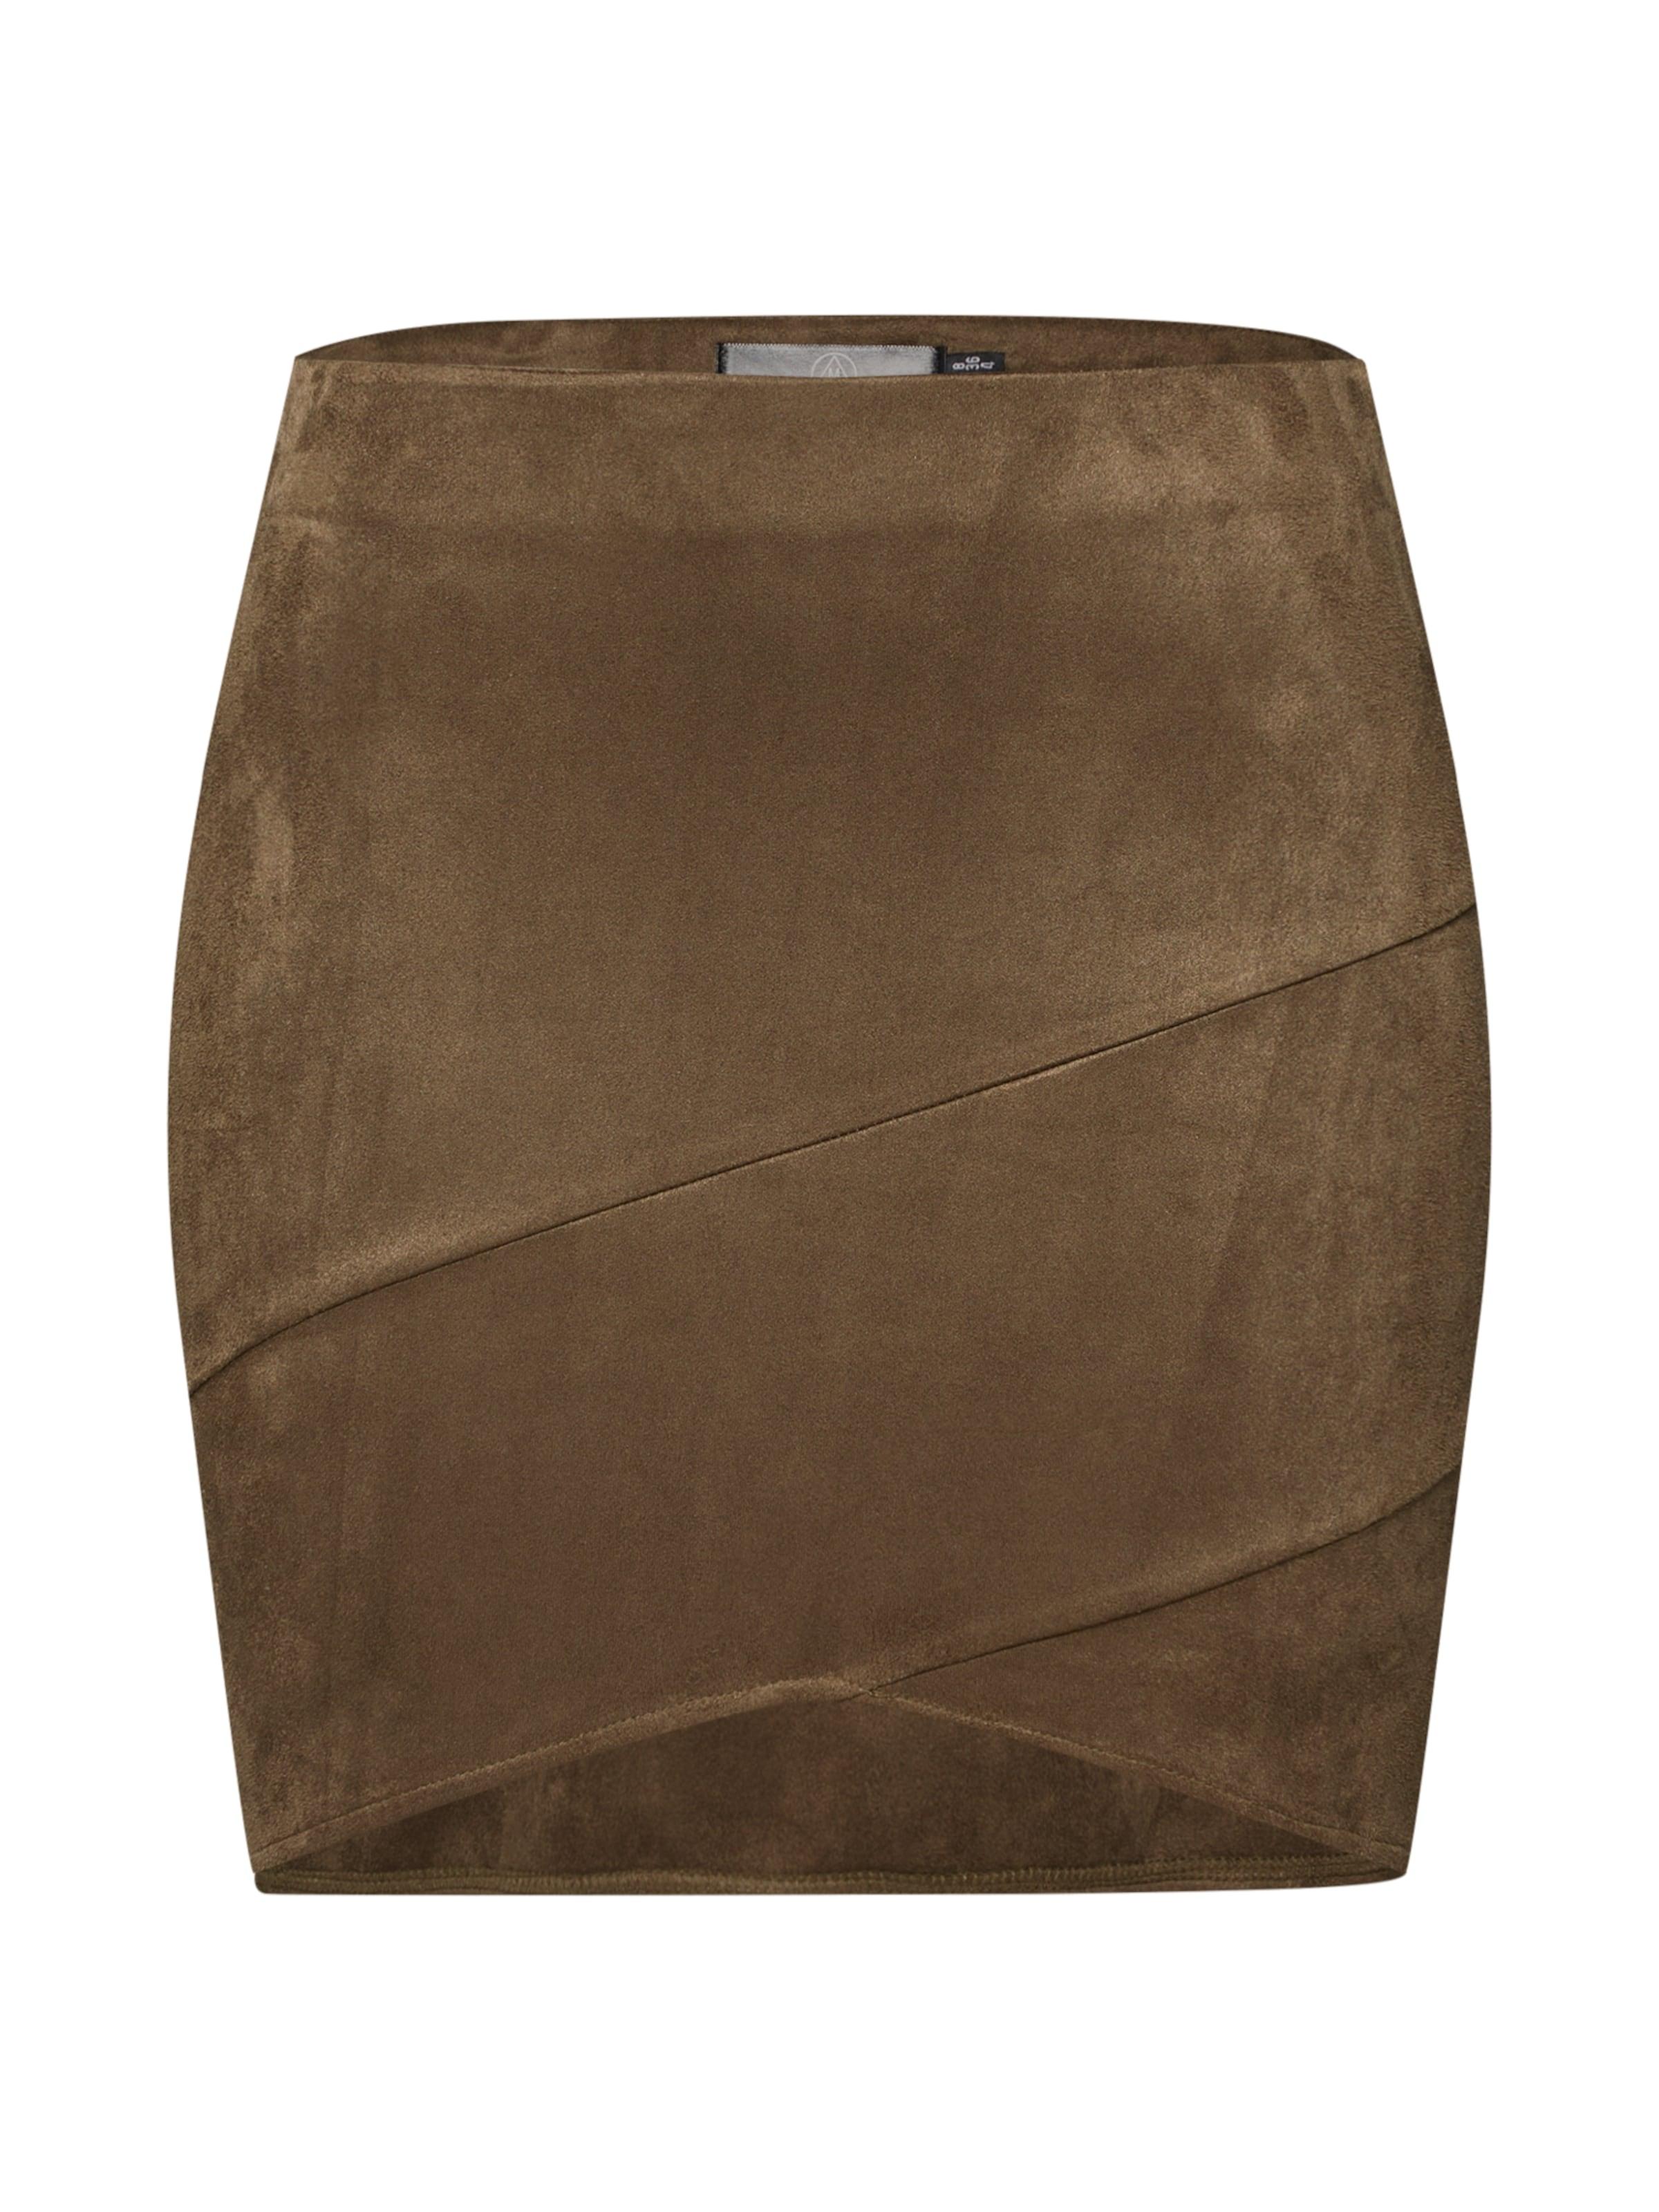 Wrap Mini' Rock Khaki Missguided 'faux Suede In FJc1lTK3